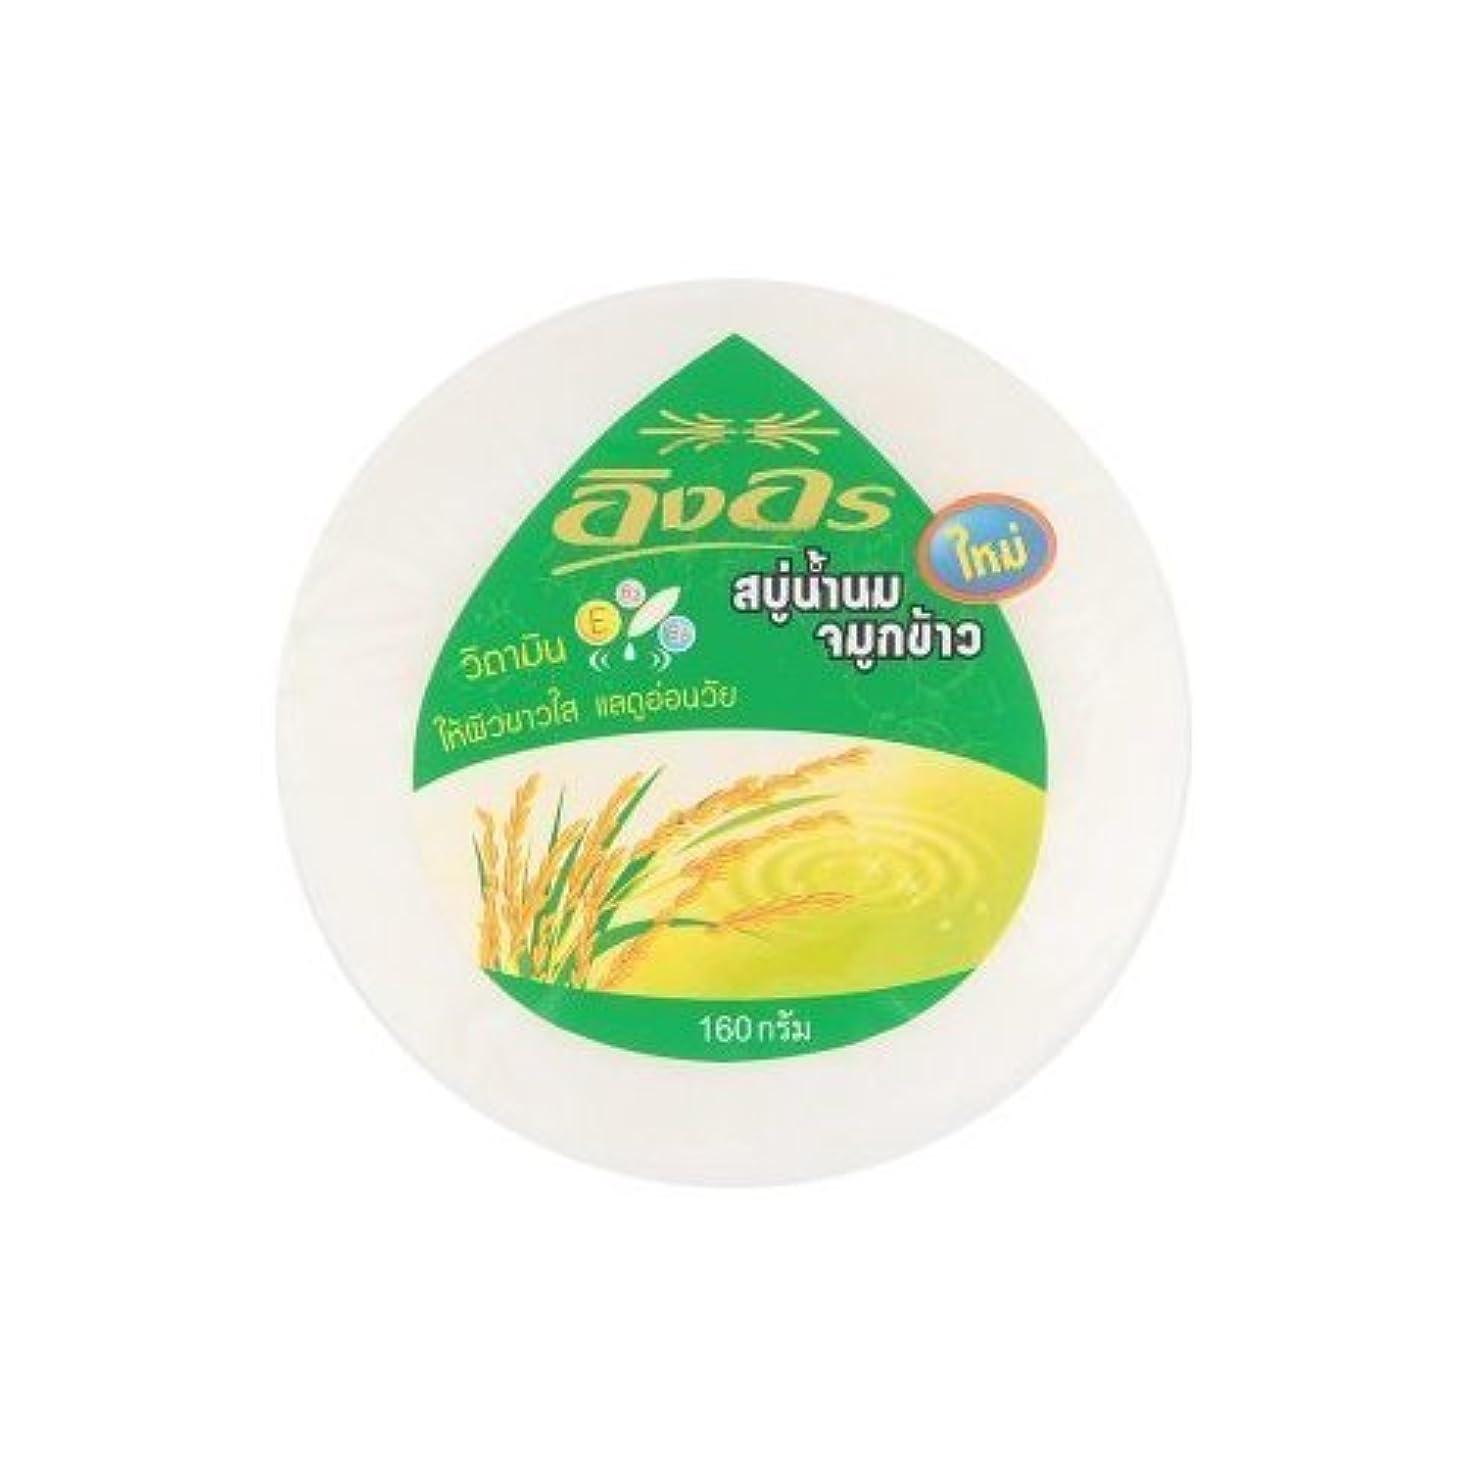 役員計算可能しないでくださいNi Yom Thai shop Ing on : Wheat Germ Milk Herbal Soap Bar 5.64 Oz. Made in Thailand